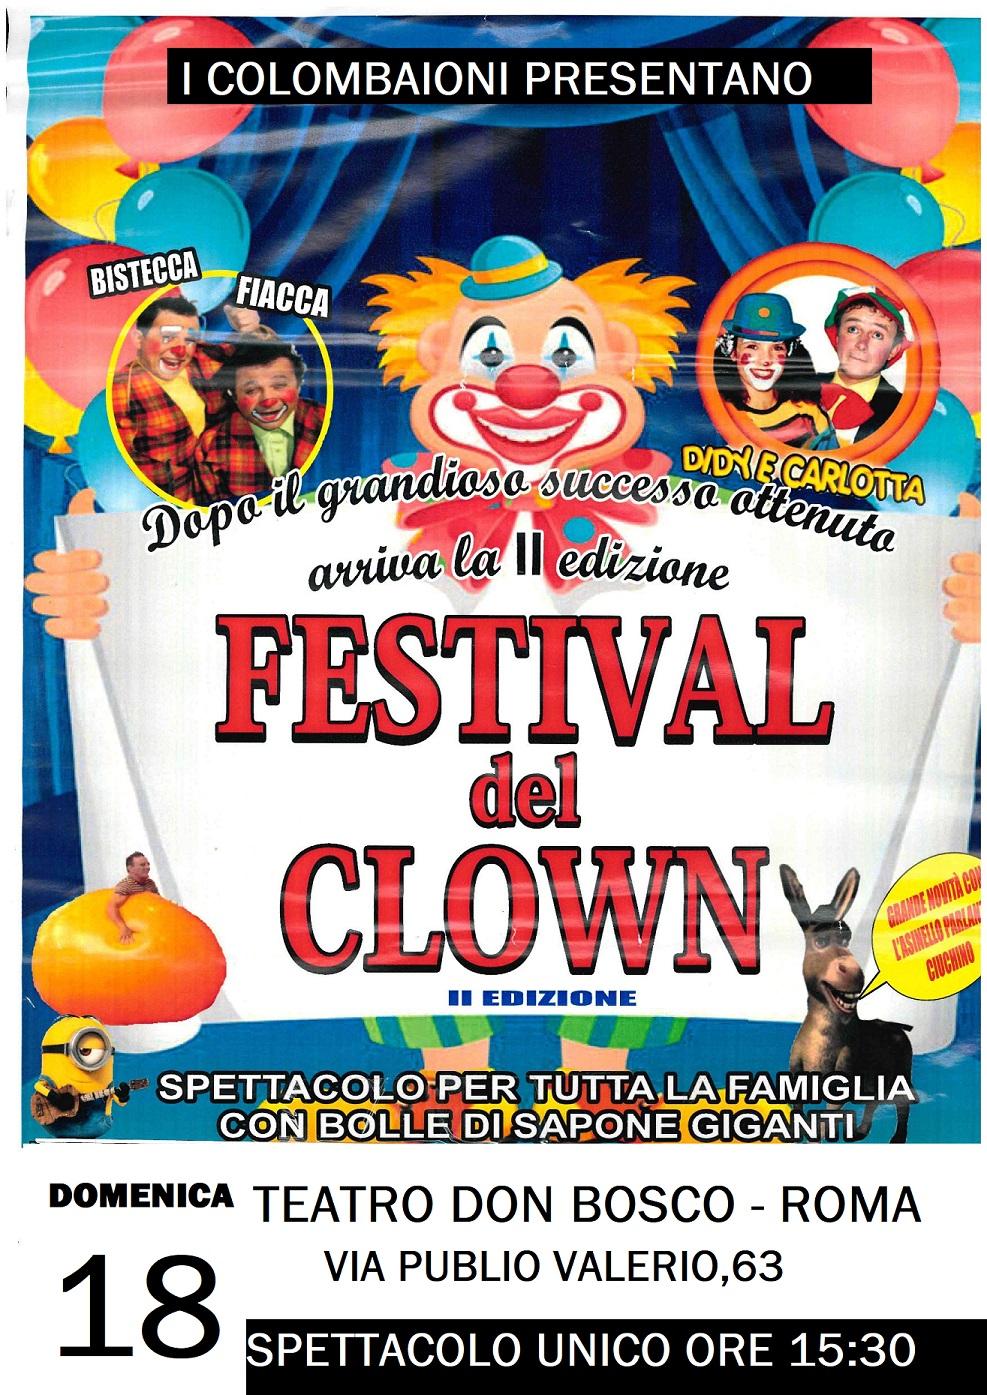 FESTIVAL DEL CLOWN